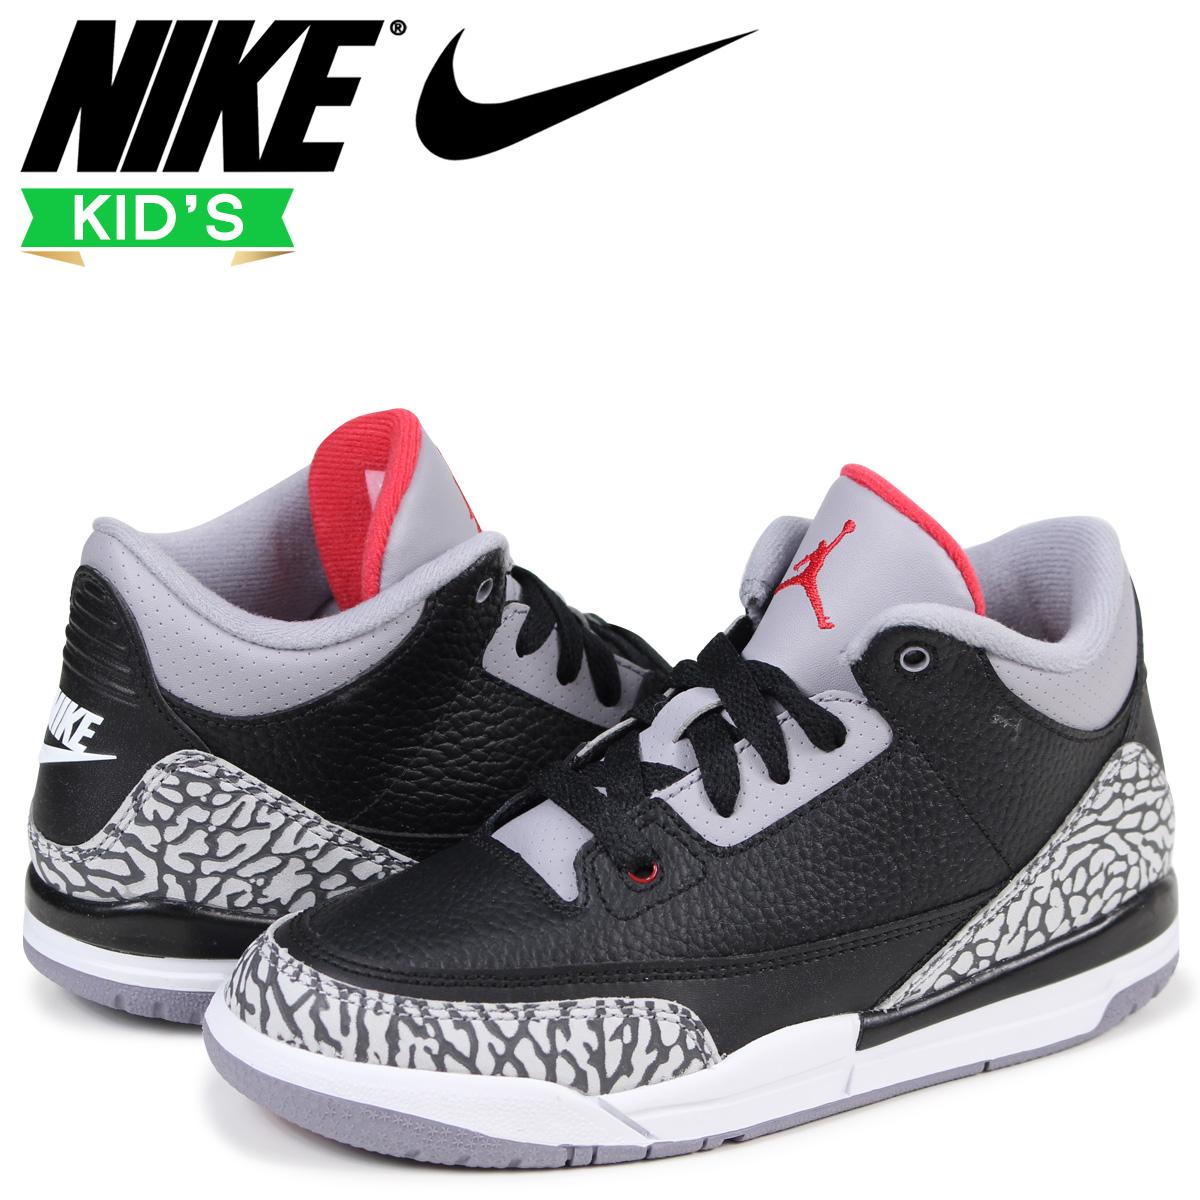 809690fc91f0 Nike NIKE Air Jordan 3 nostalgic kids sneakers AIR JORDAN 3 RETRO BP 429